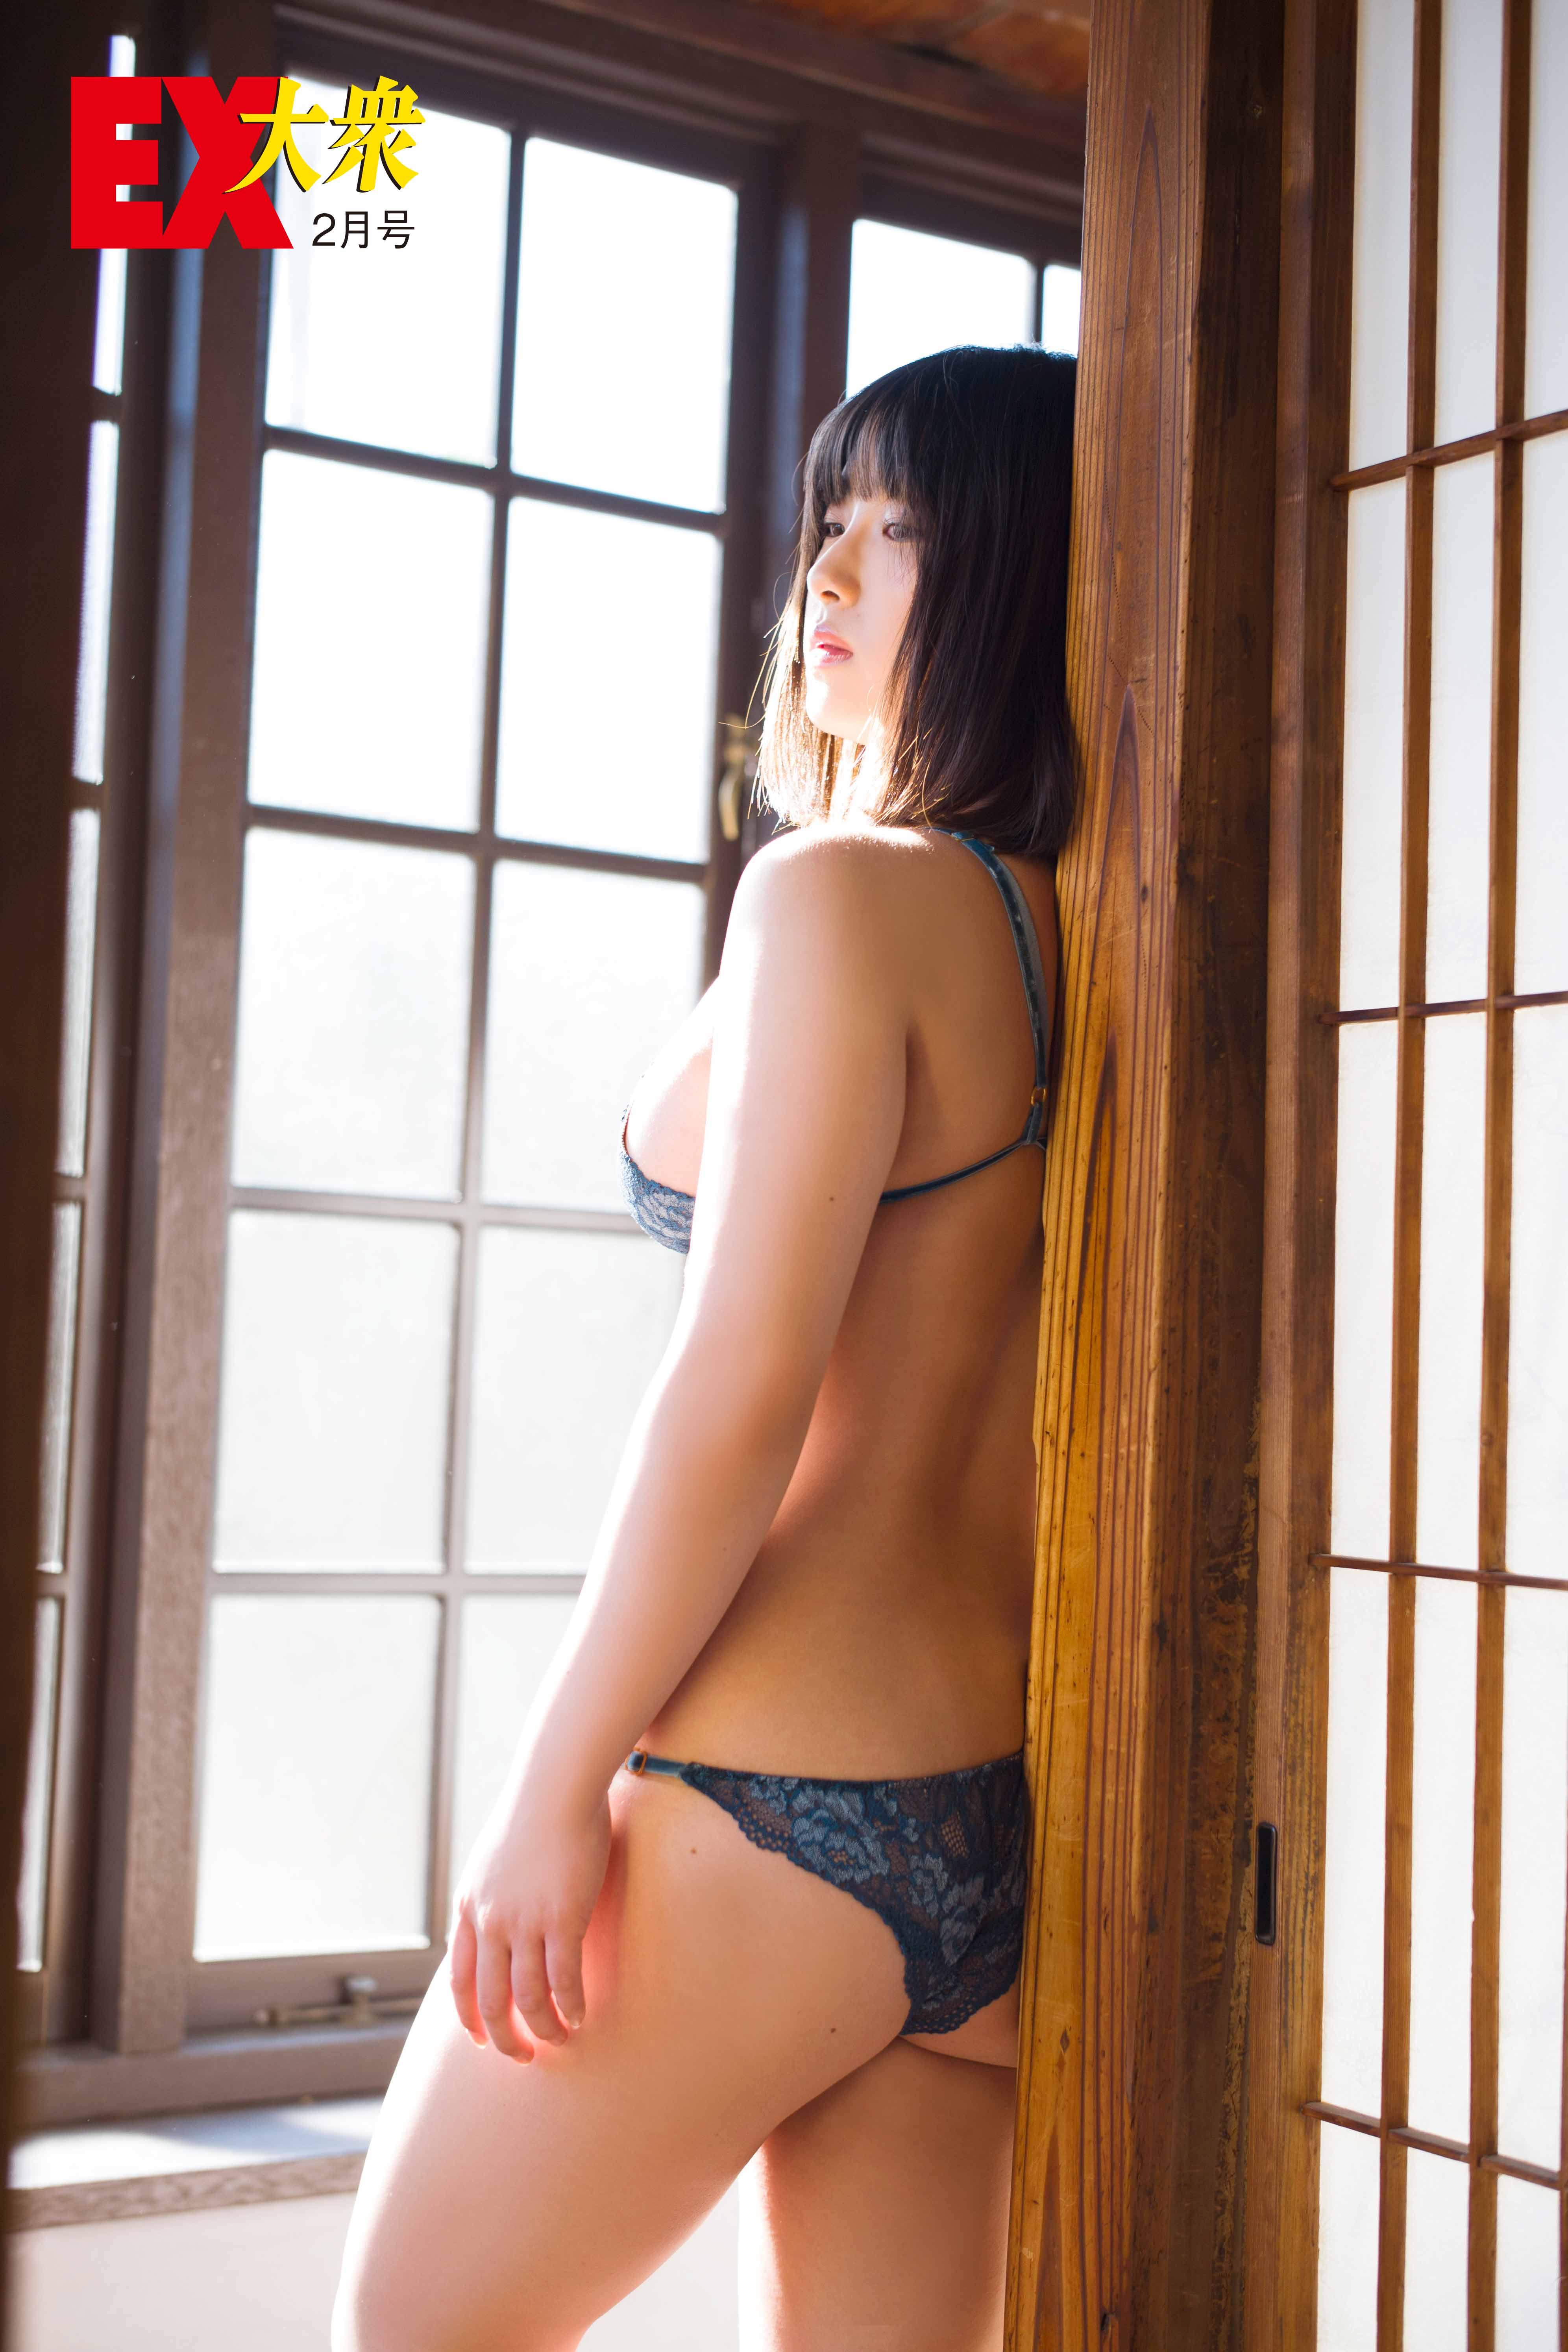 大間乃トーコ「今野杏南さんを見て本当にけしからんと思って(笑)、そこから一気にグラビアにハマったんです」【独占告白2/9】【画像6枚】の画像005